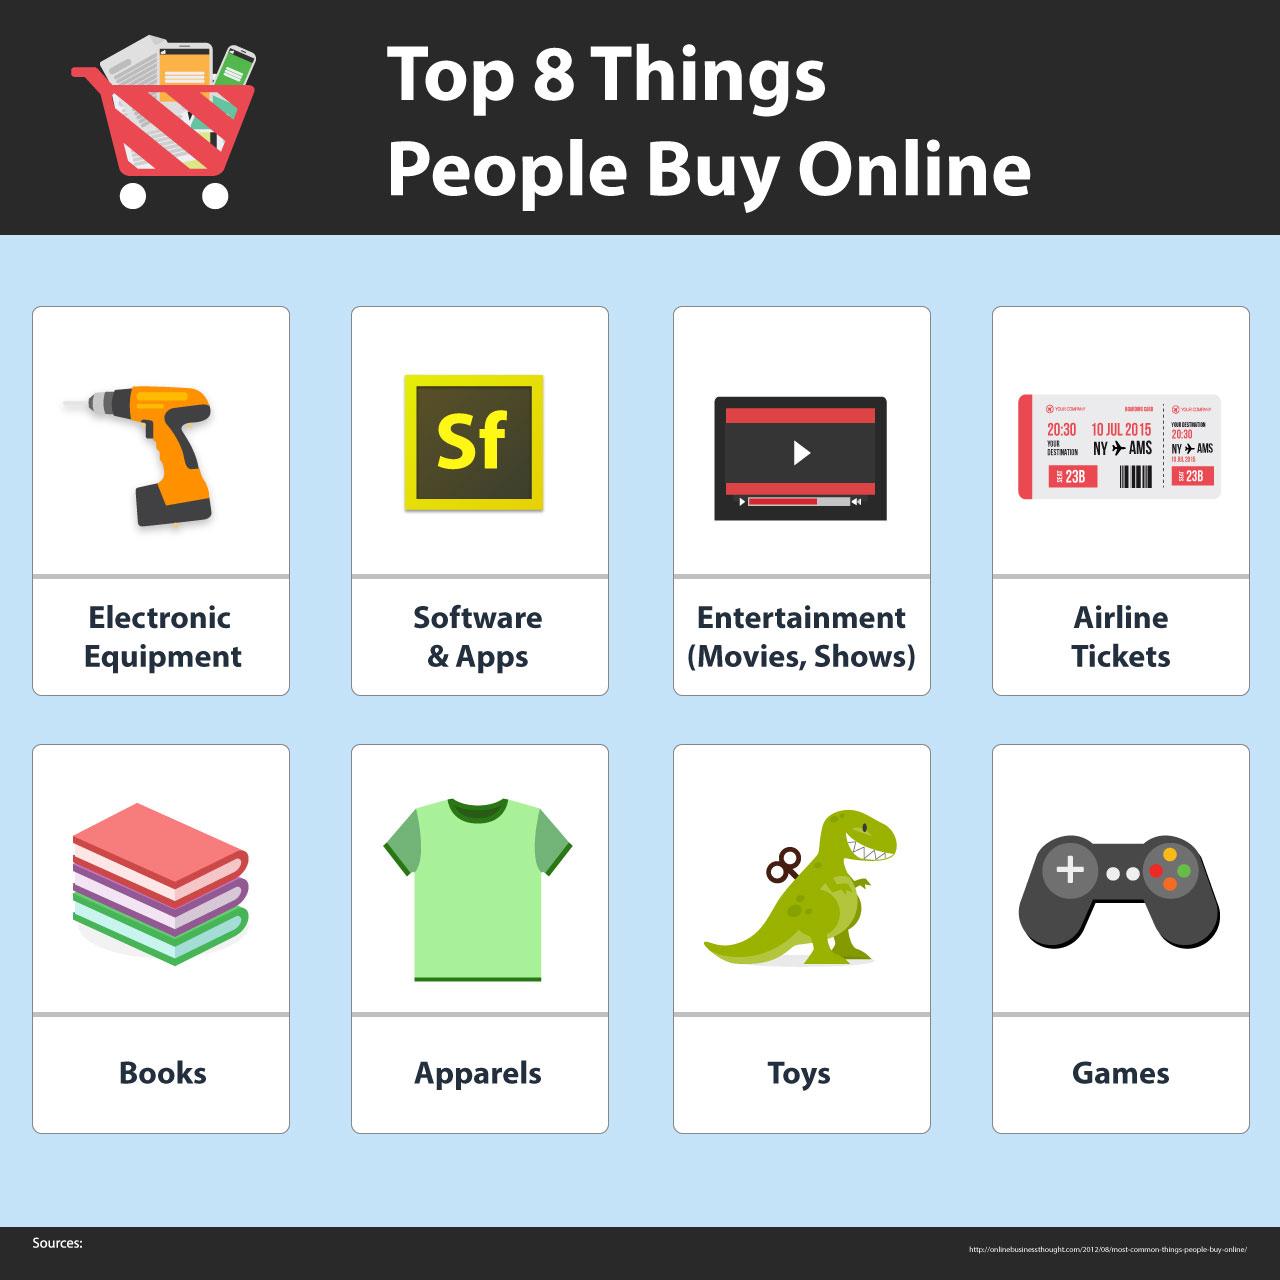 Things To Buy: Top 8 Things People Buy Online